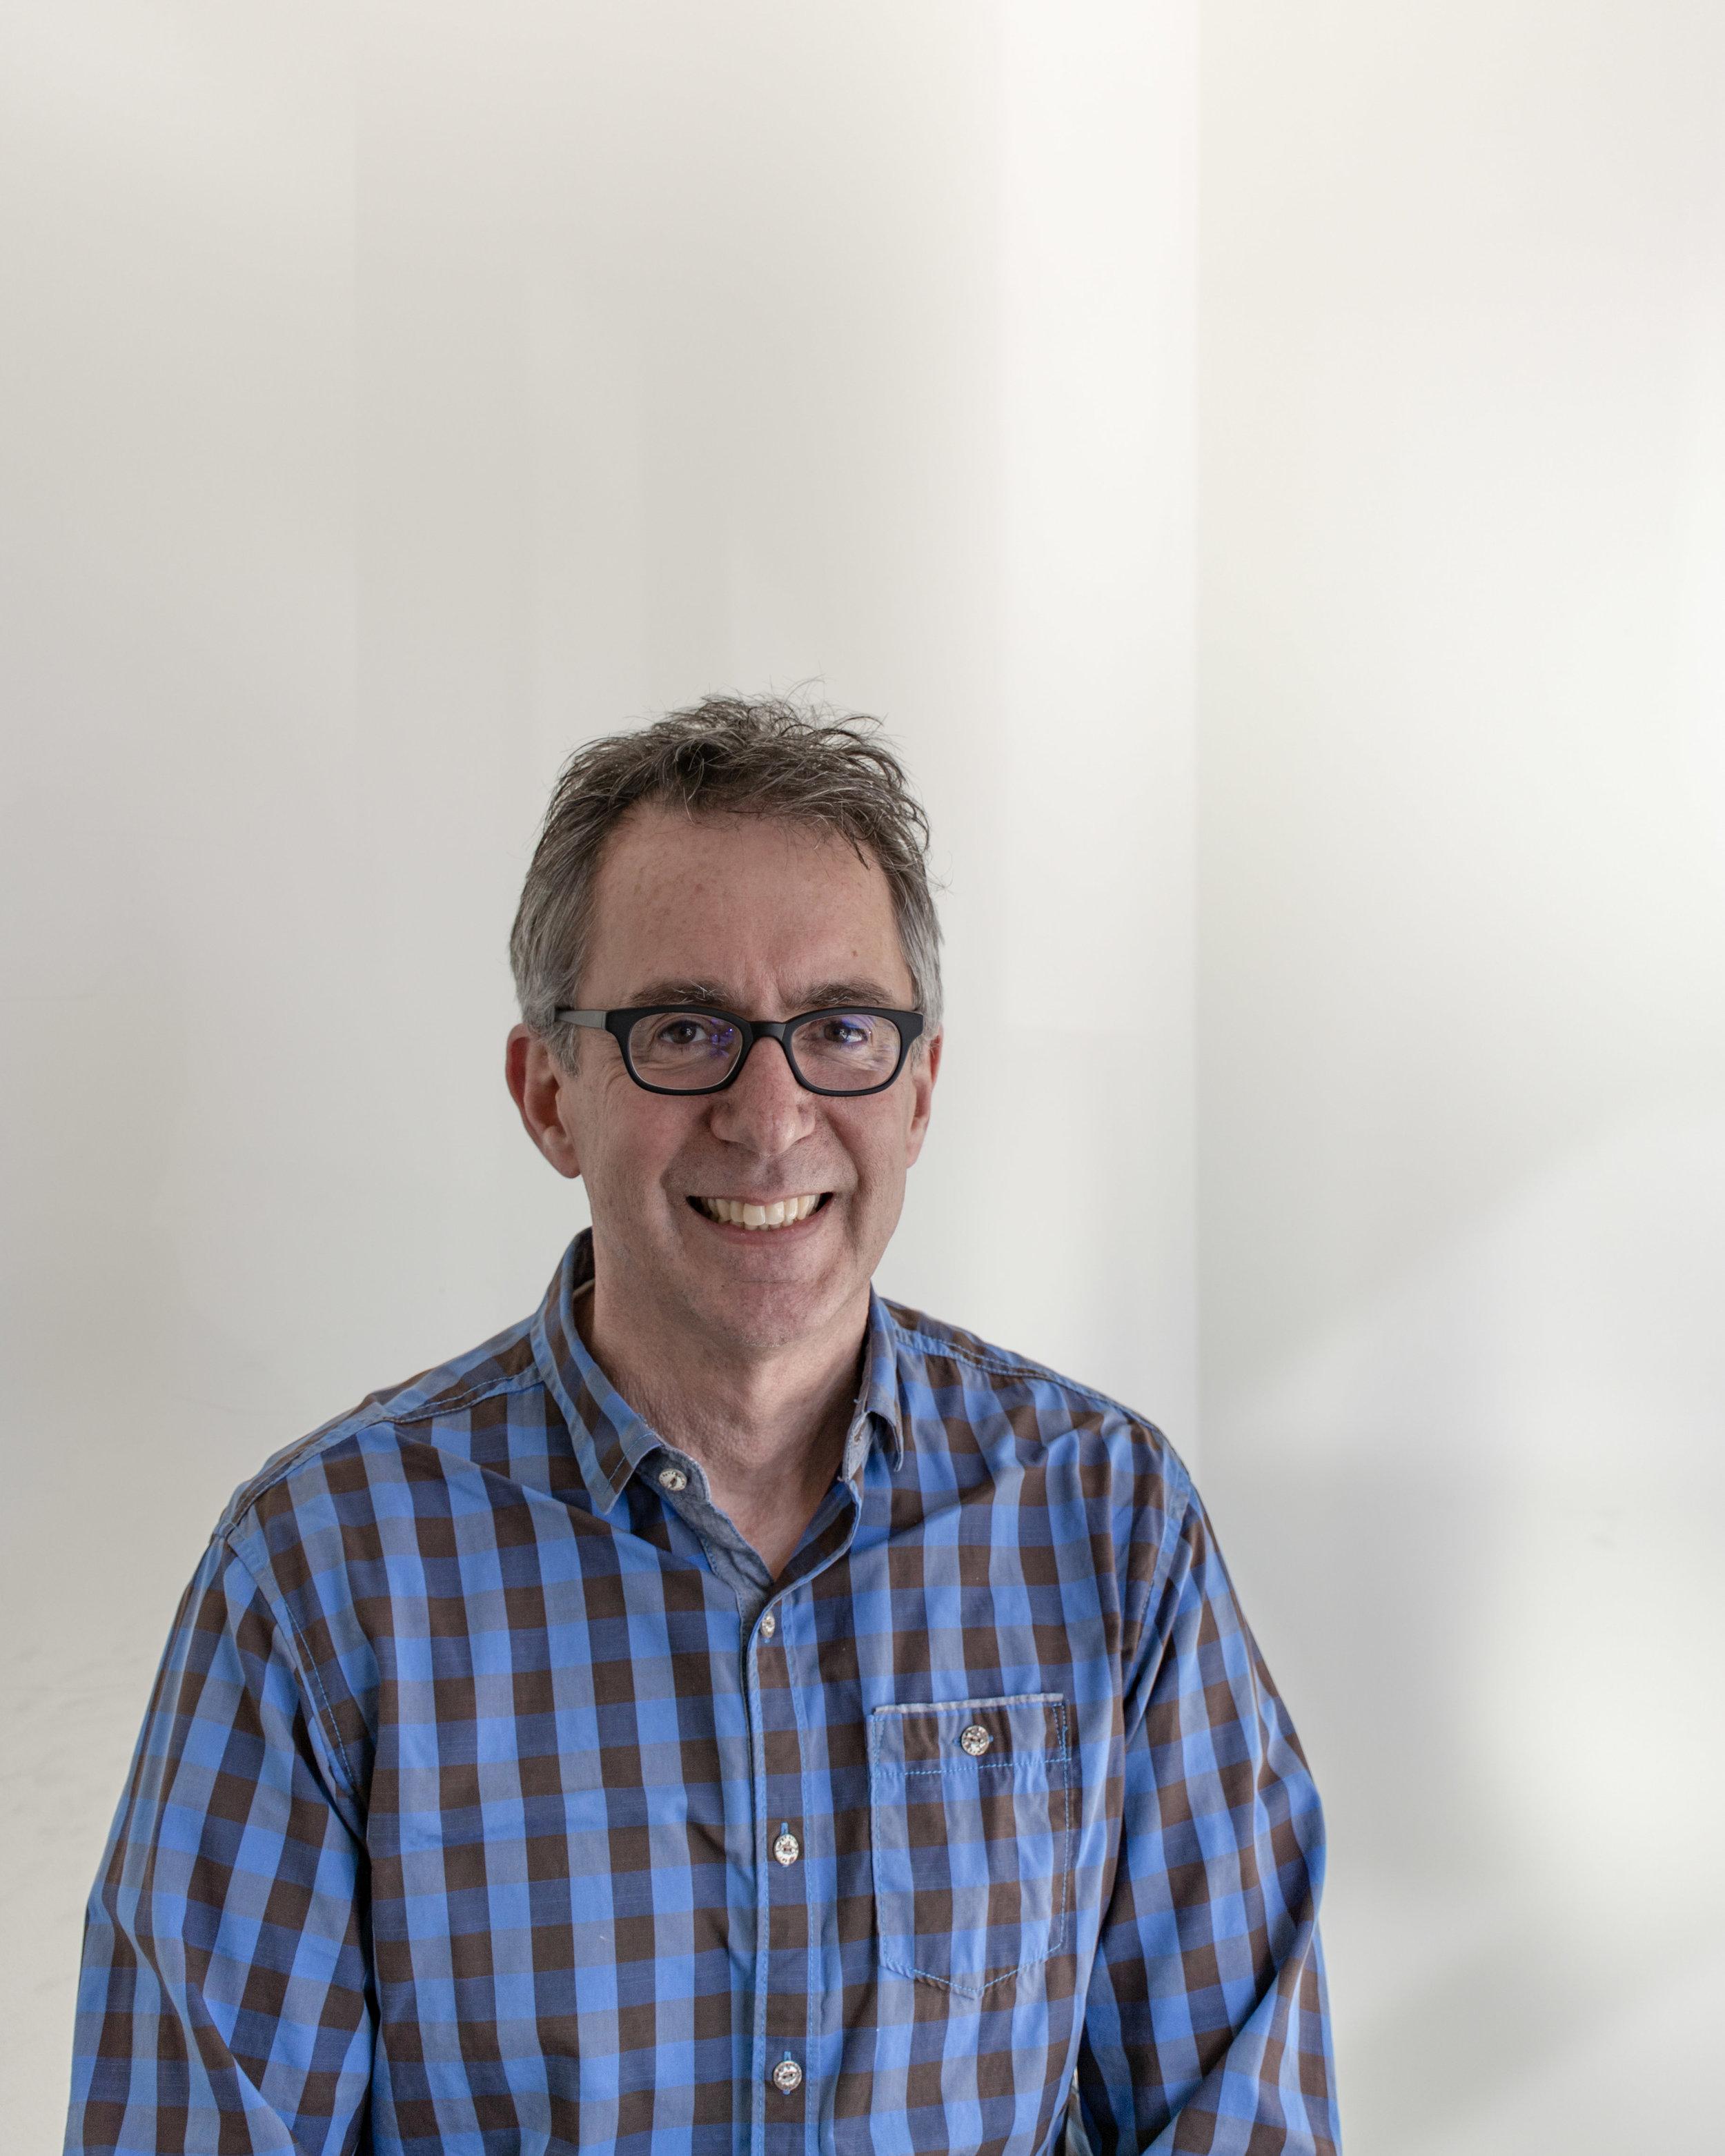 DANIEL ROTNER - Principal